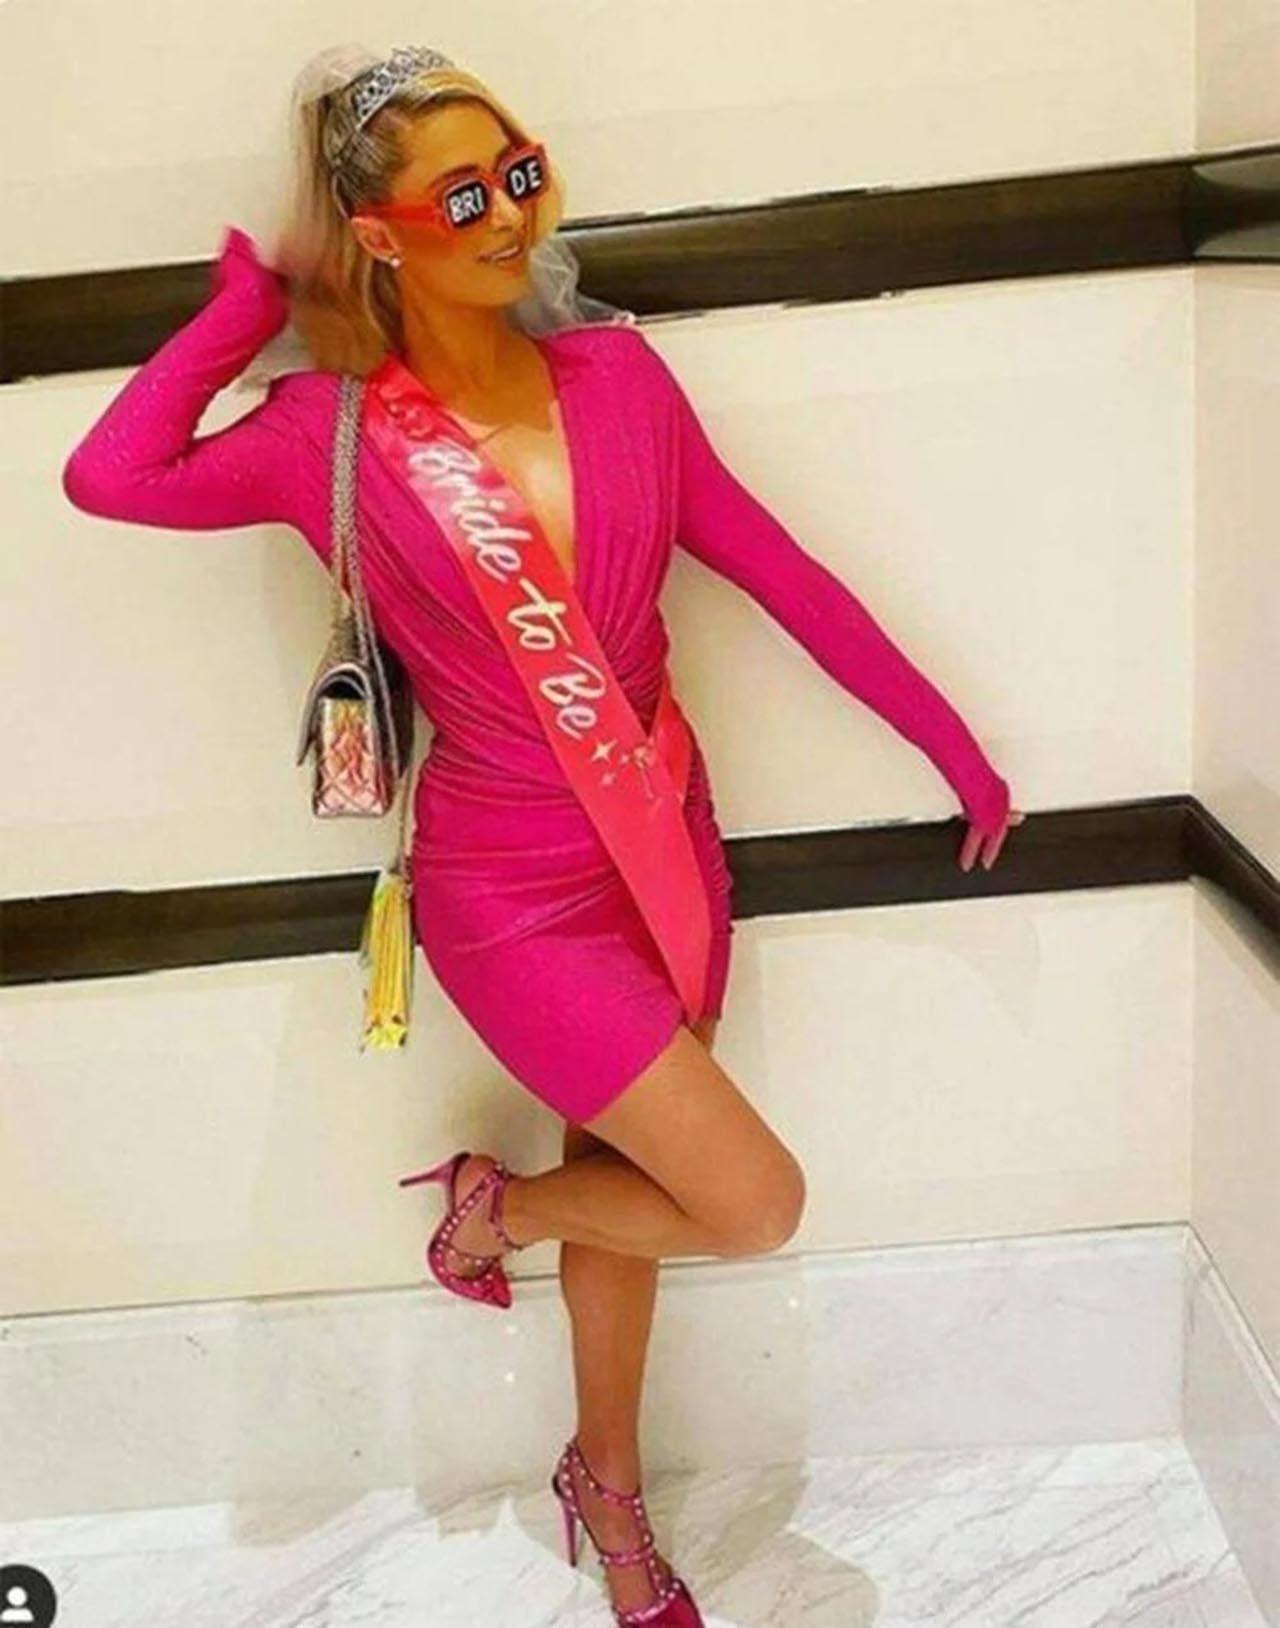 Paris Hilton'un bekarlığa veda partisi bitmek bilmiyor - Resim: 3